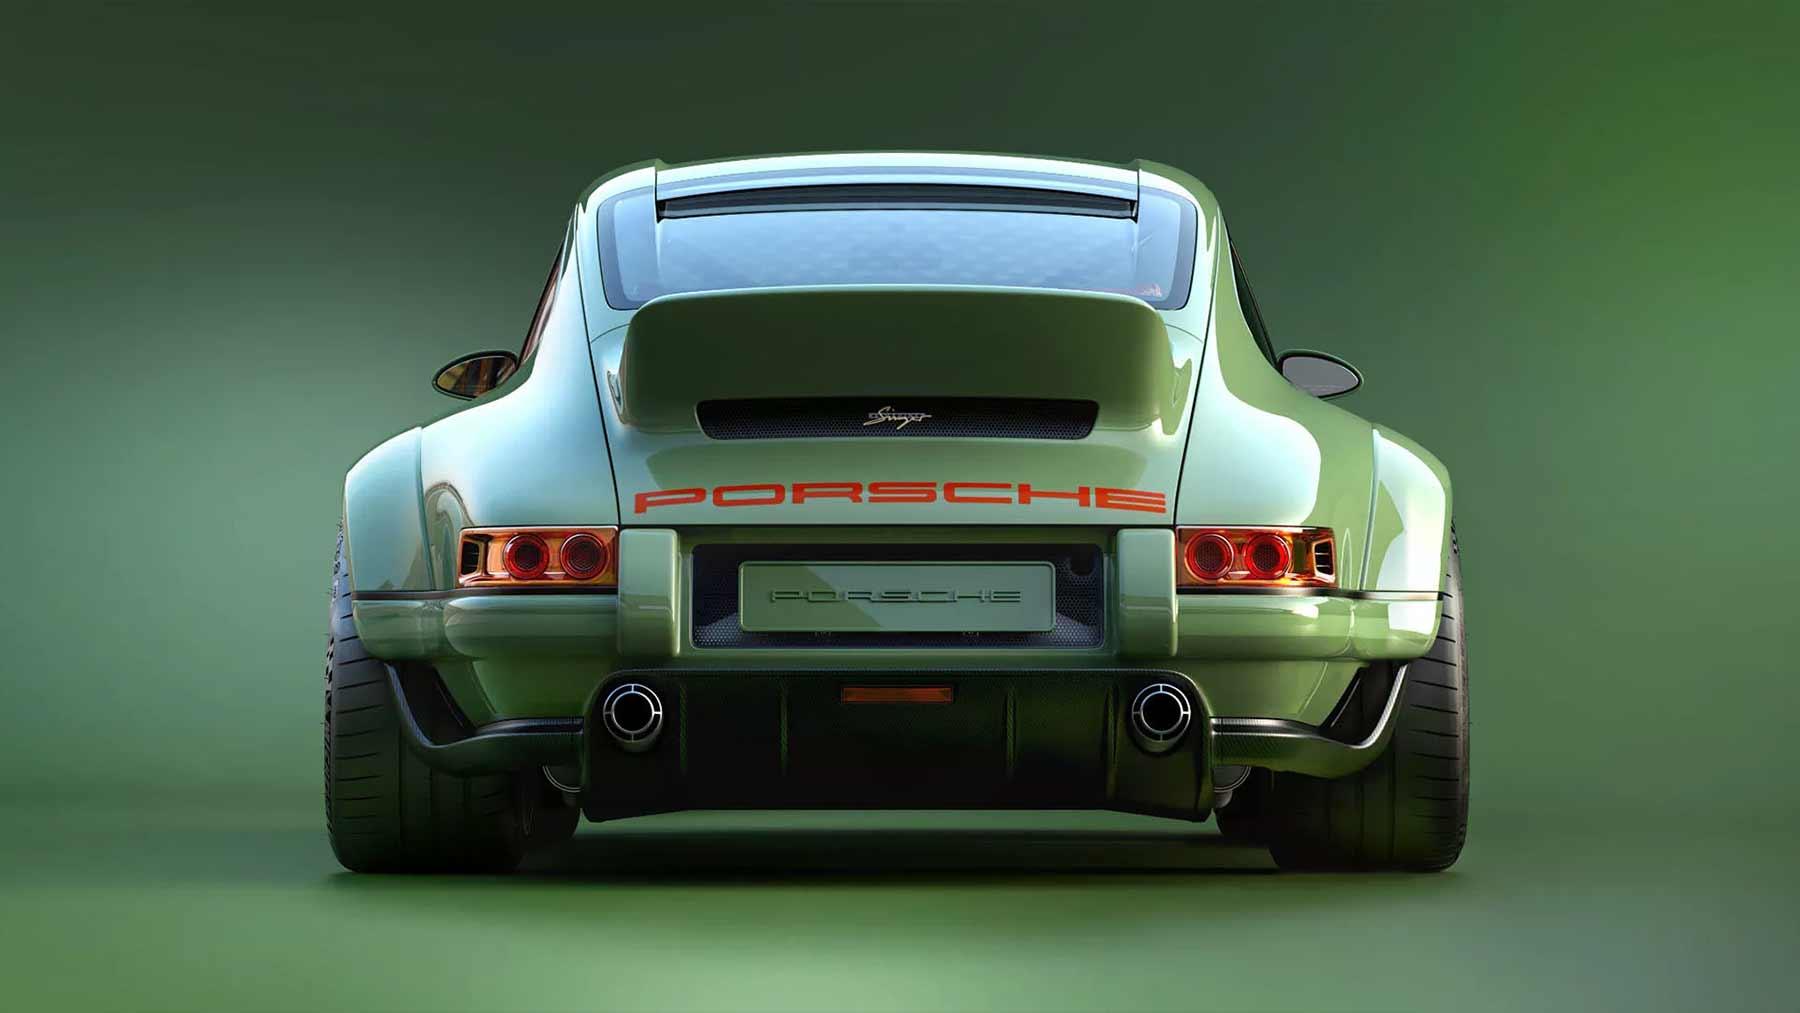 Singer Porsche 964 DLS Singer-Porsche-964-DLS_09